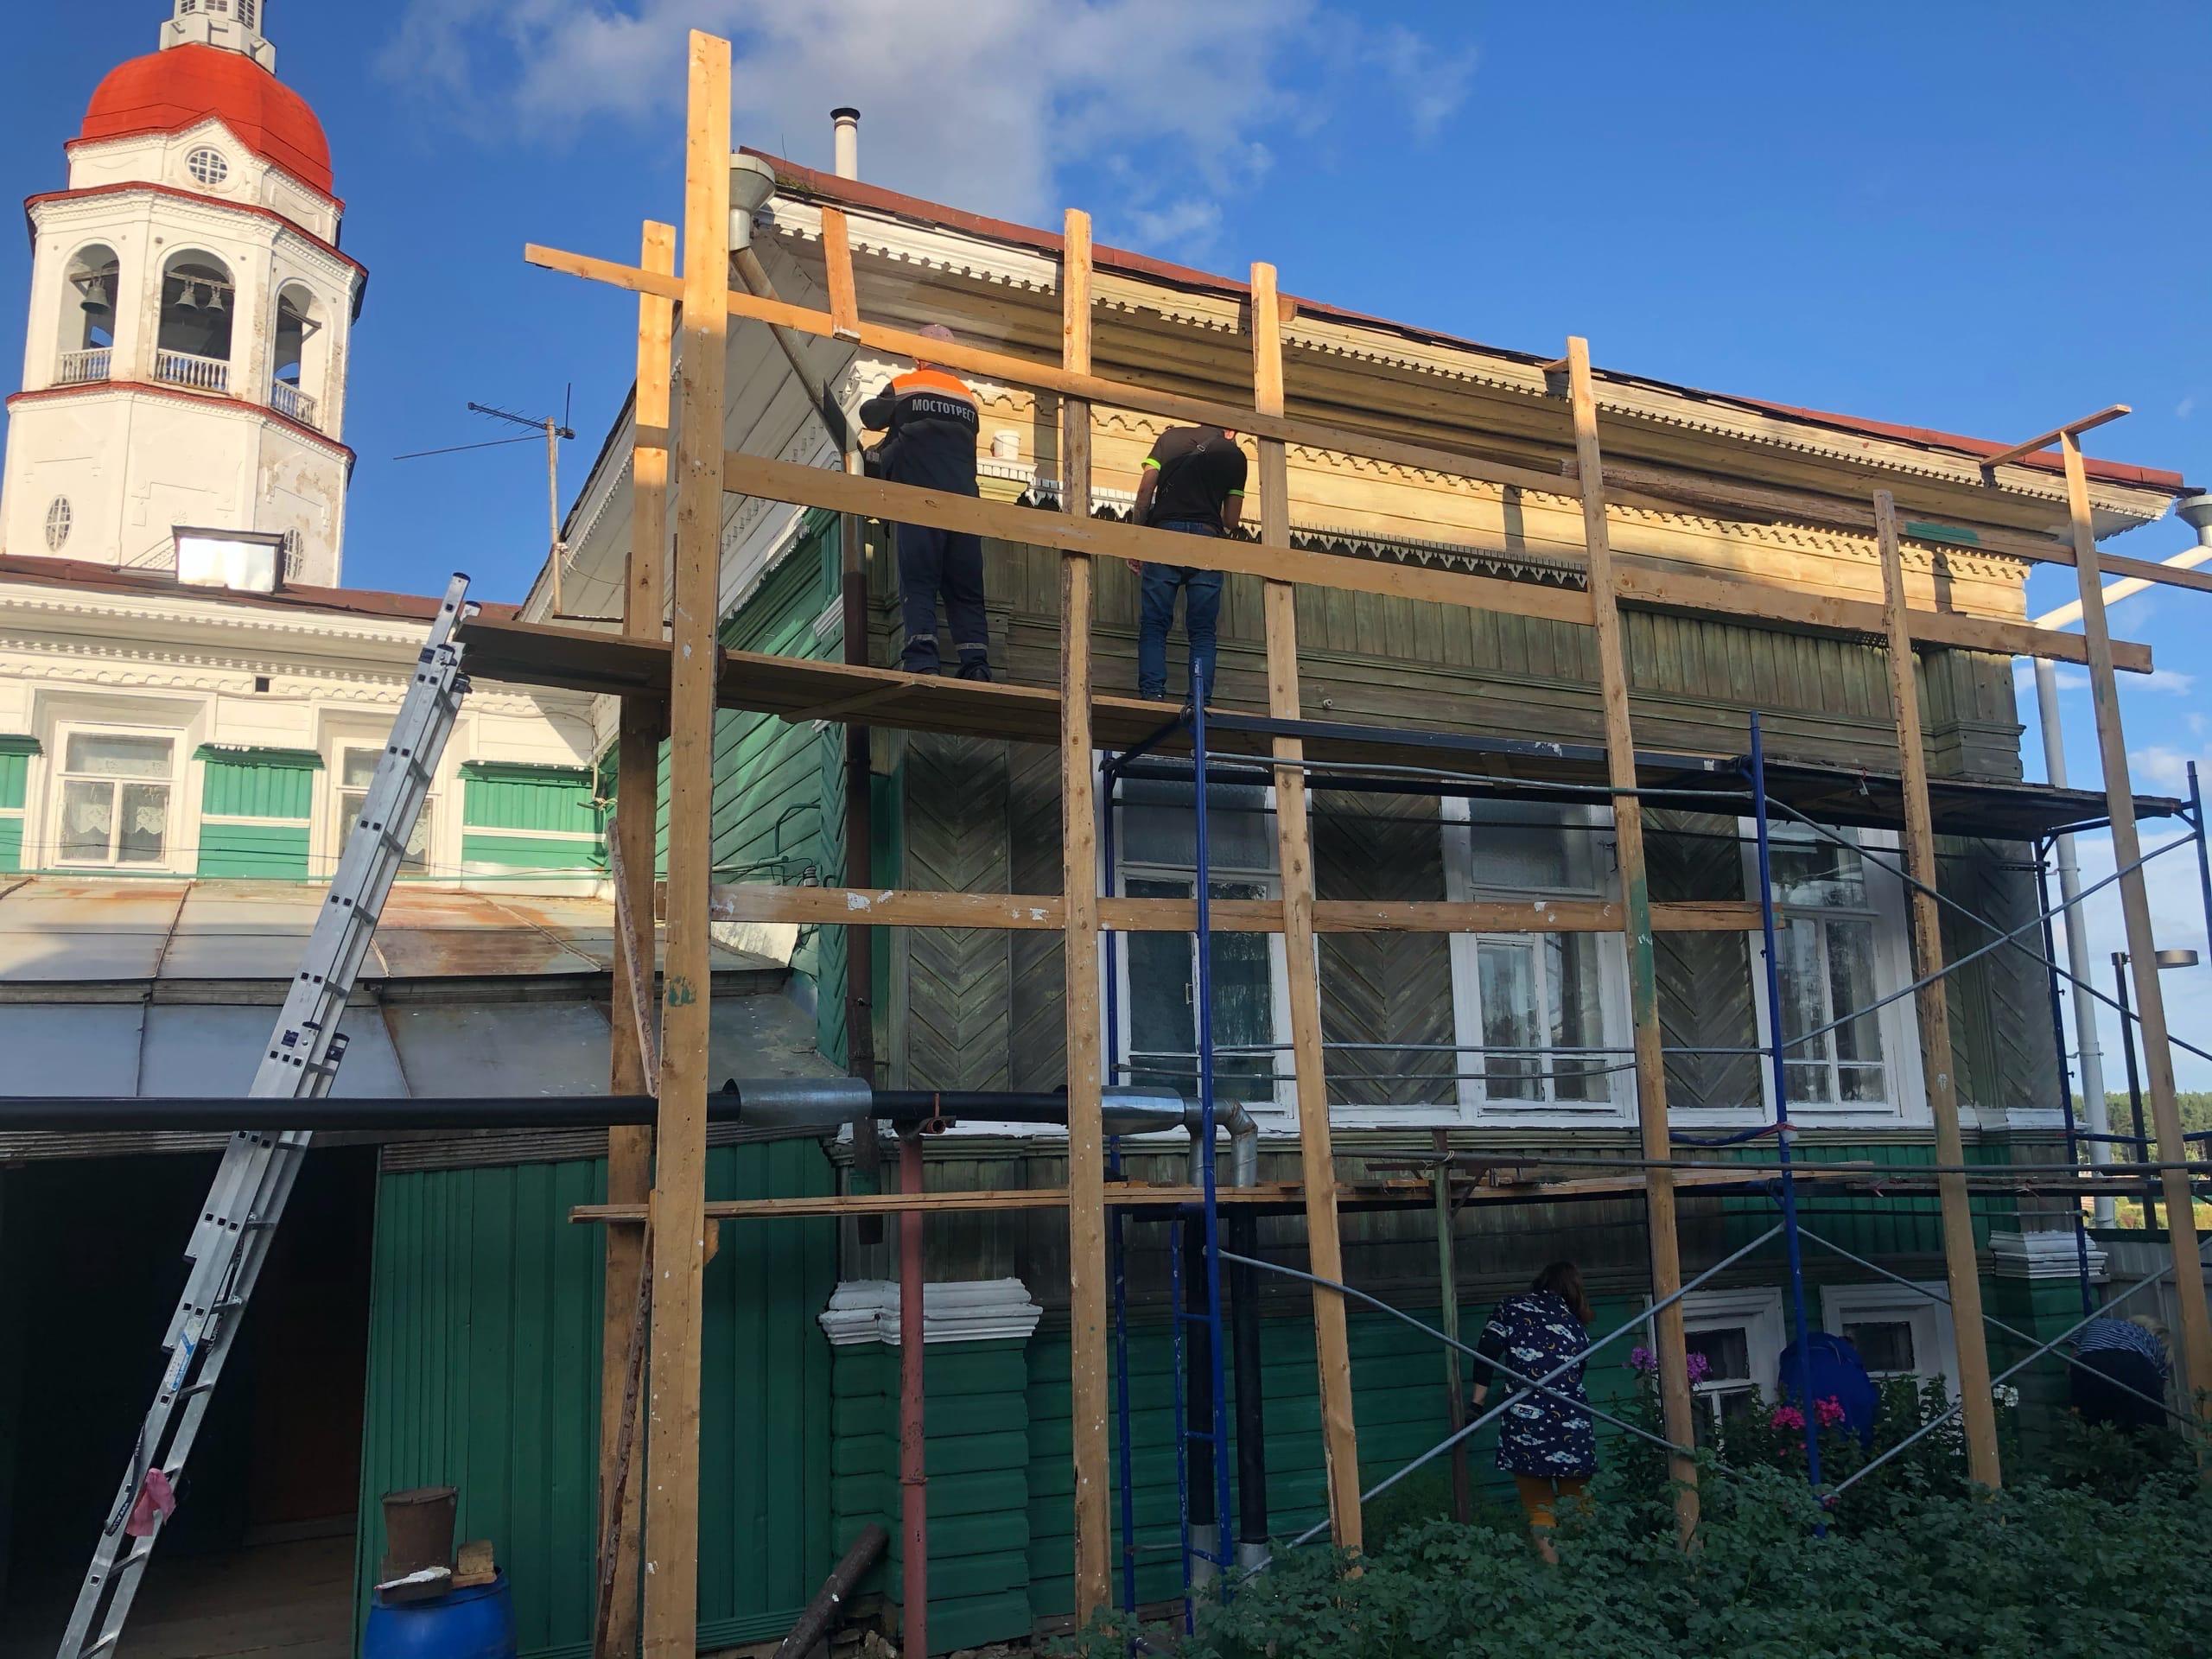 Обновить фасад здания 1900 года постройки помогли десятки неравнодушных местных жителей